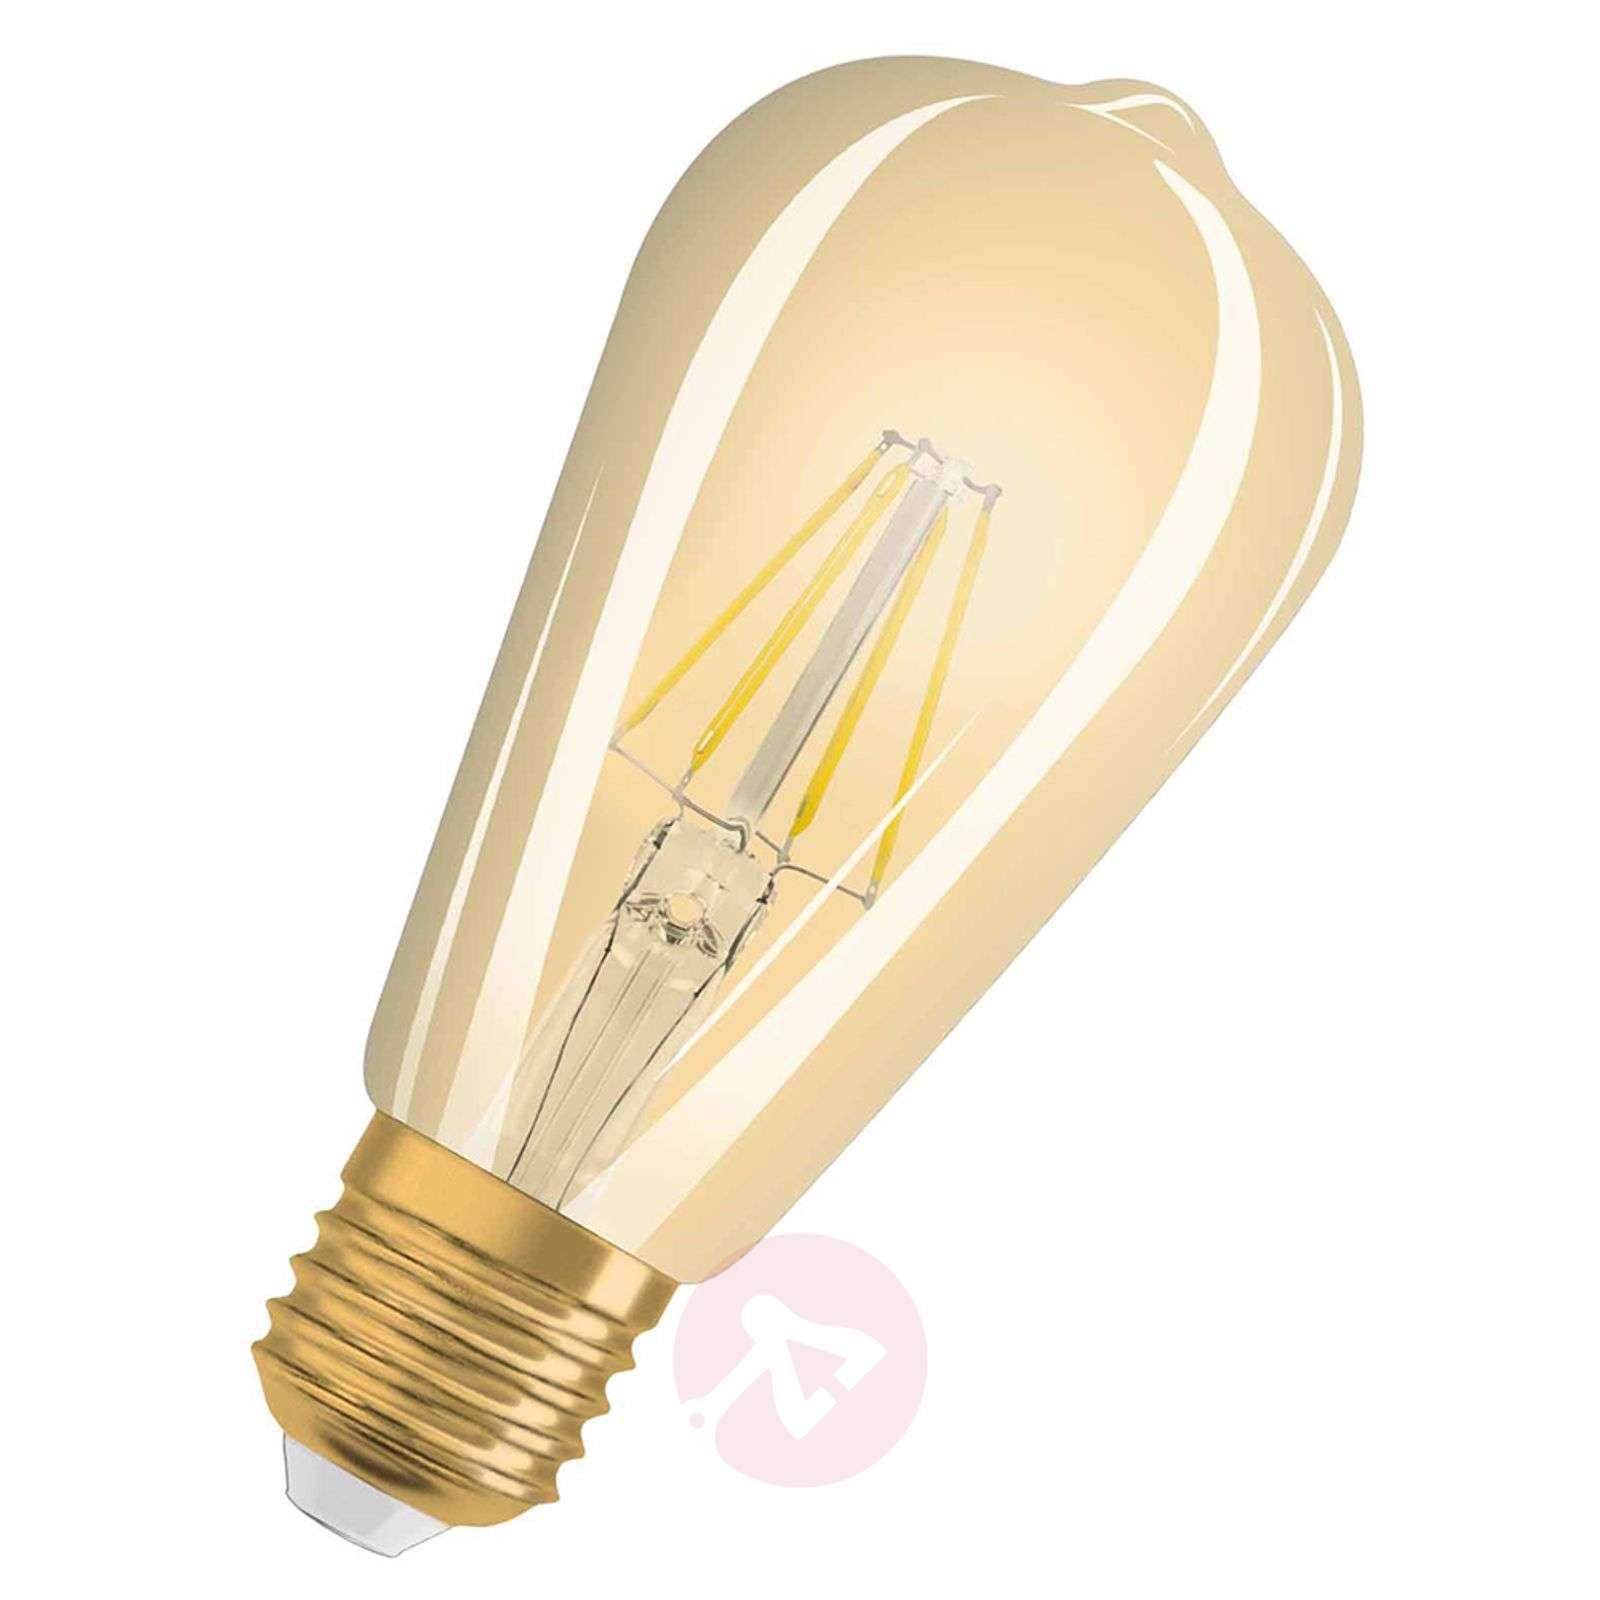 E27 4,5W 824 LED-rustiikkilamppu, vintagemalli-7260829-01